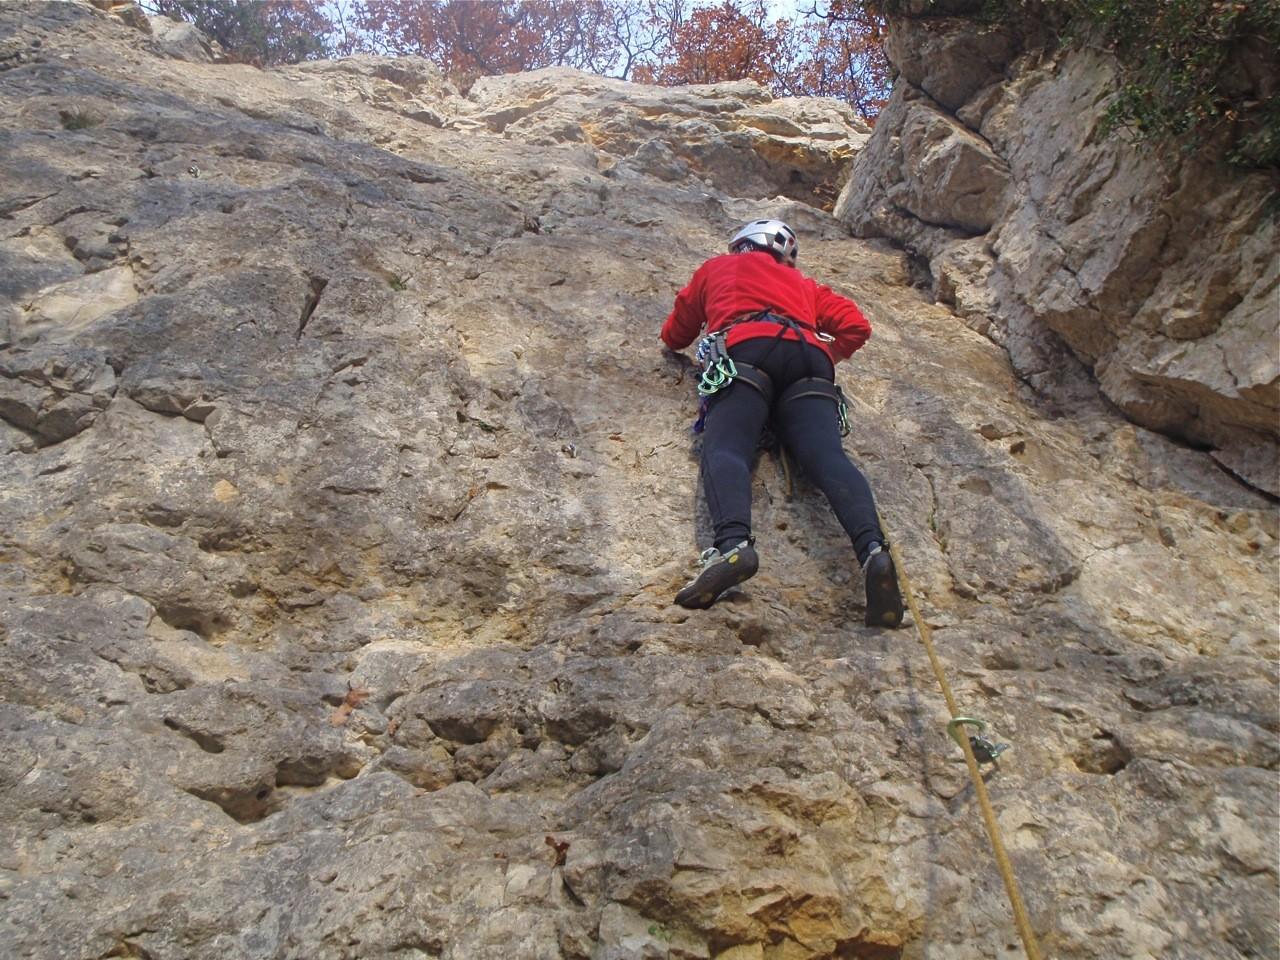 Grimpe au soleil pour Chevrette, sur rocher chaud et sec, à fin novembre: le pied